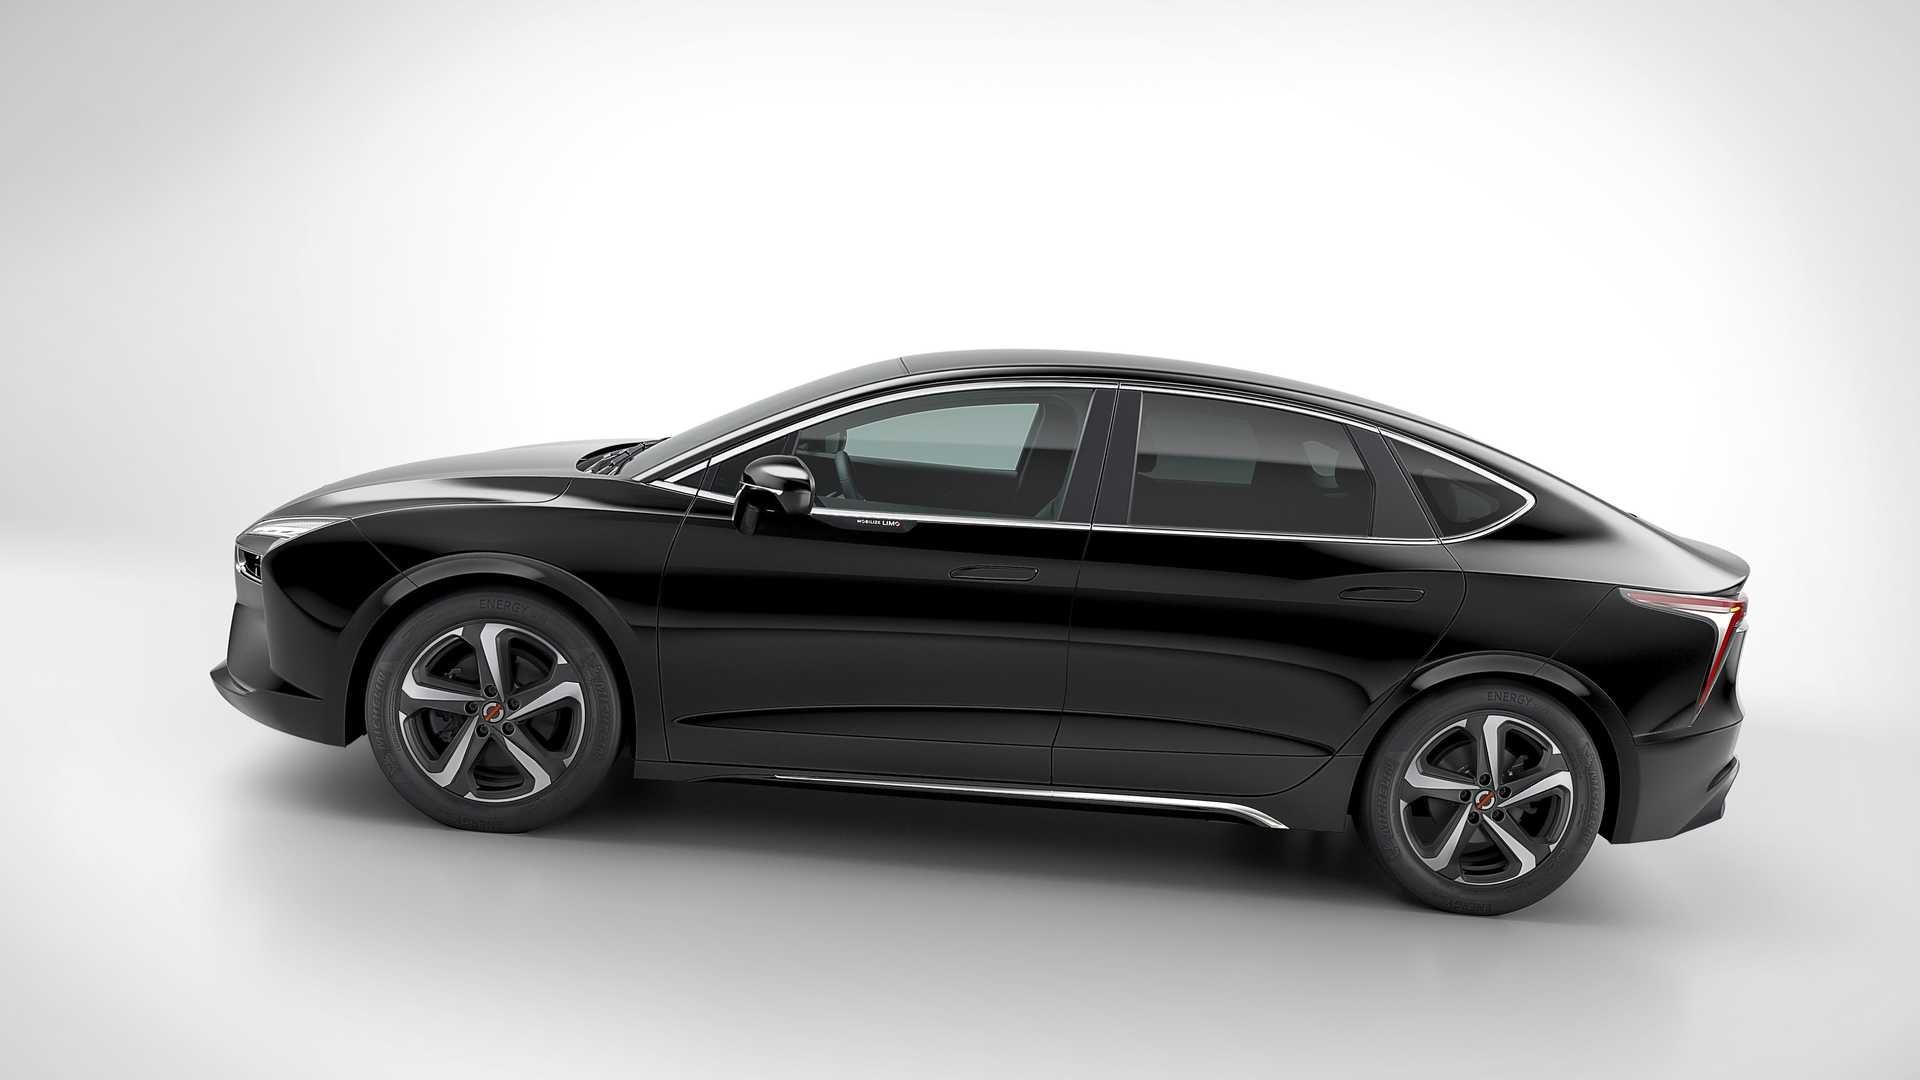 Renault'nun bu otomobili satın alınamayacak: Mobilize Limo